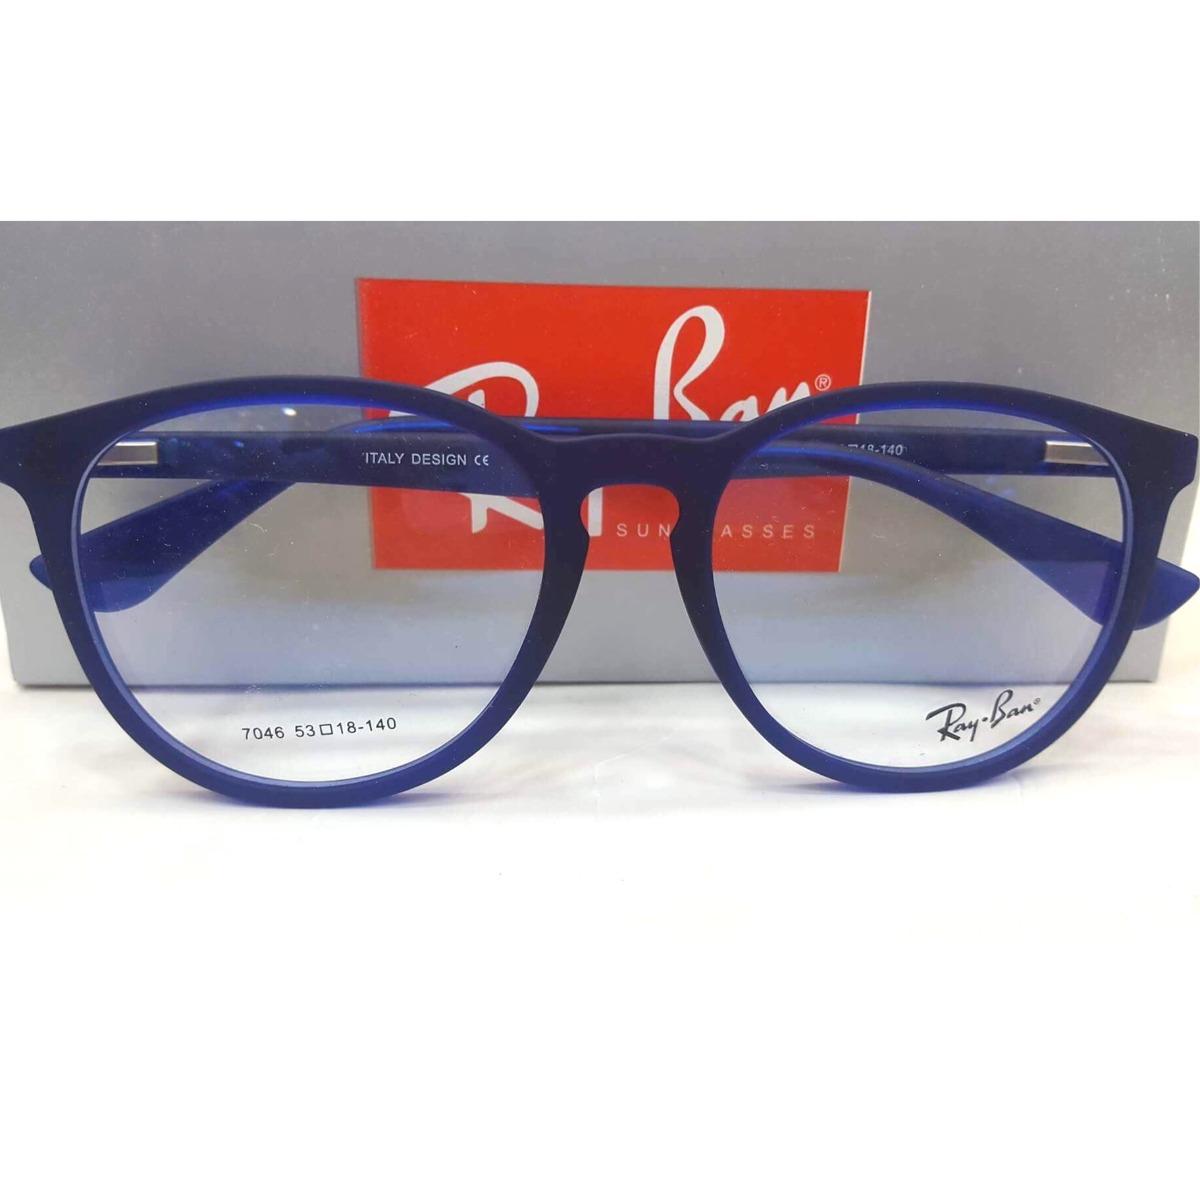 59c0361de7caa frete grátis armação óculos redondo emborrachado azul. Carregando zoom.